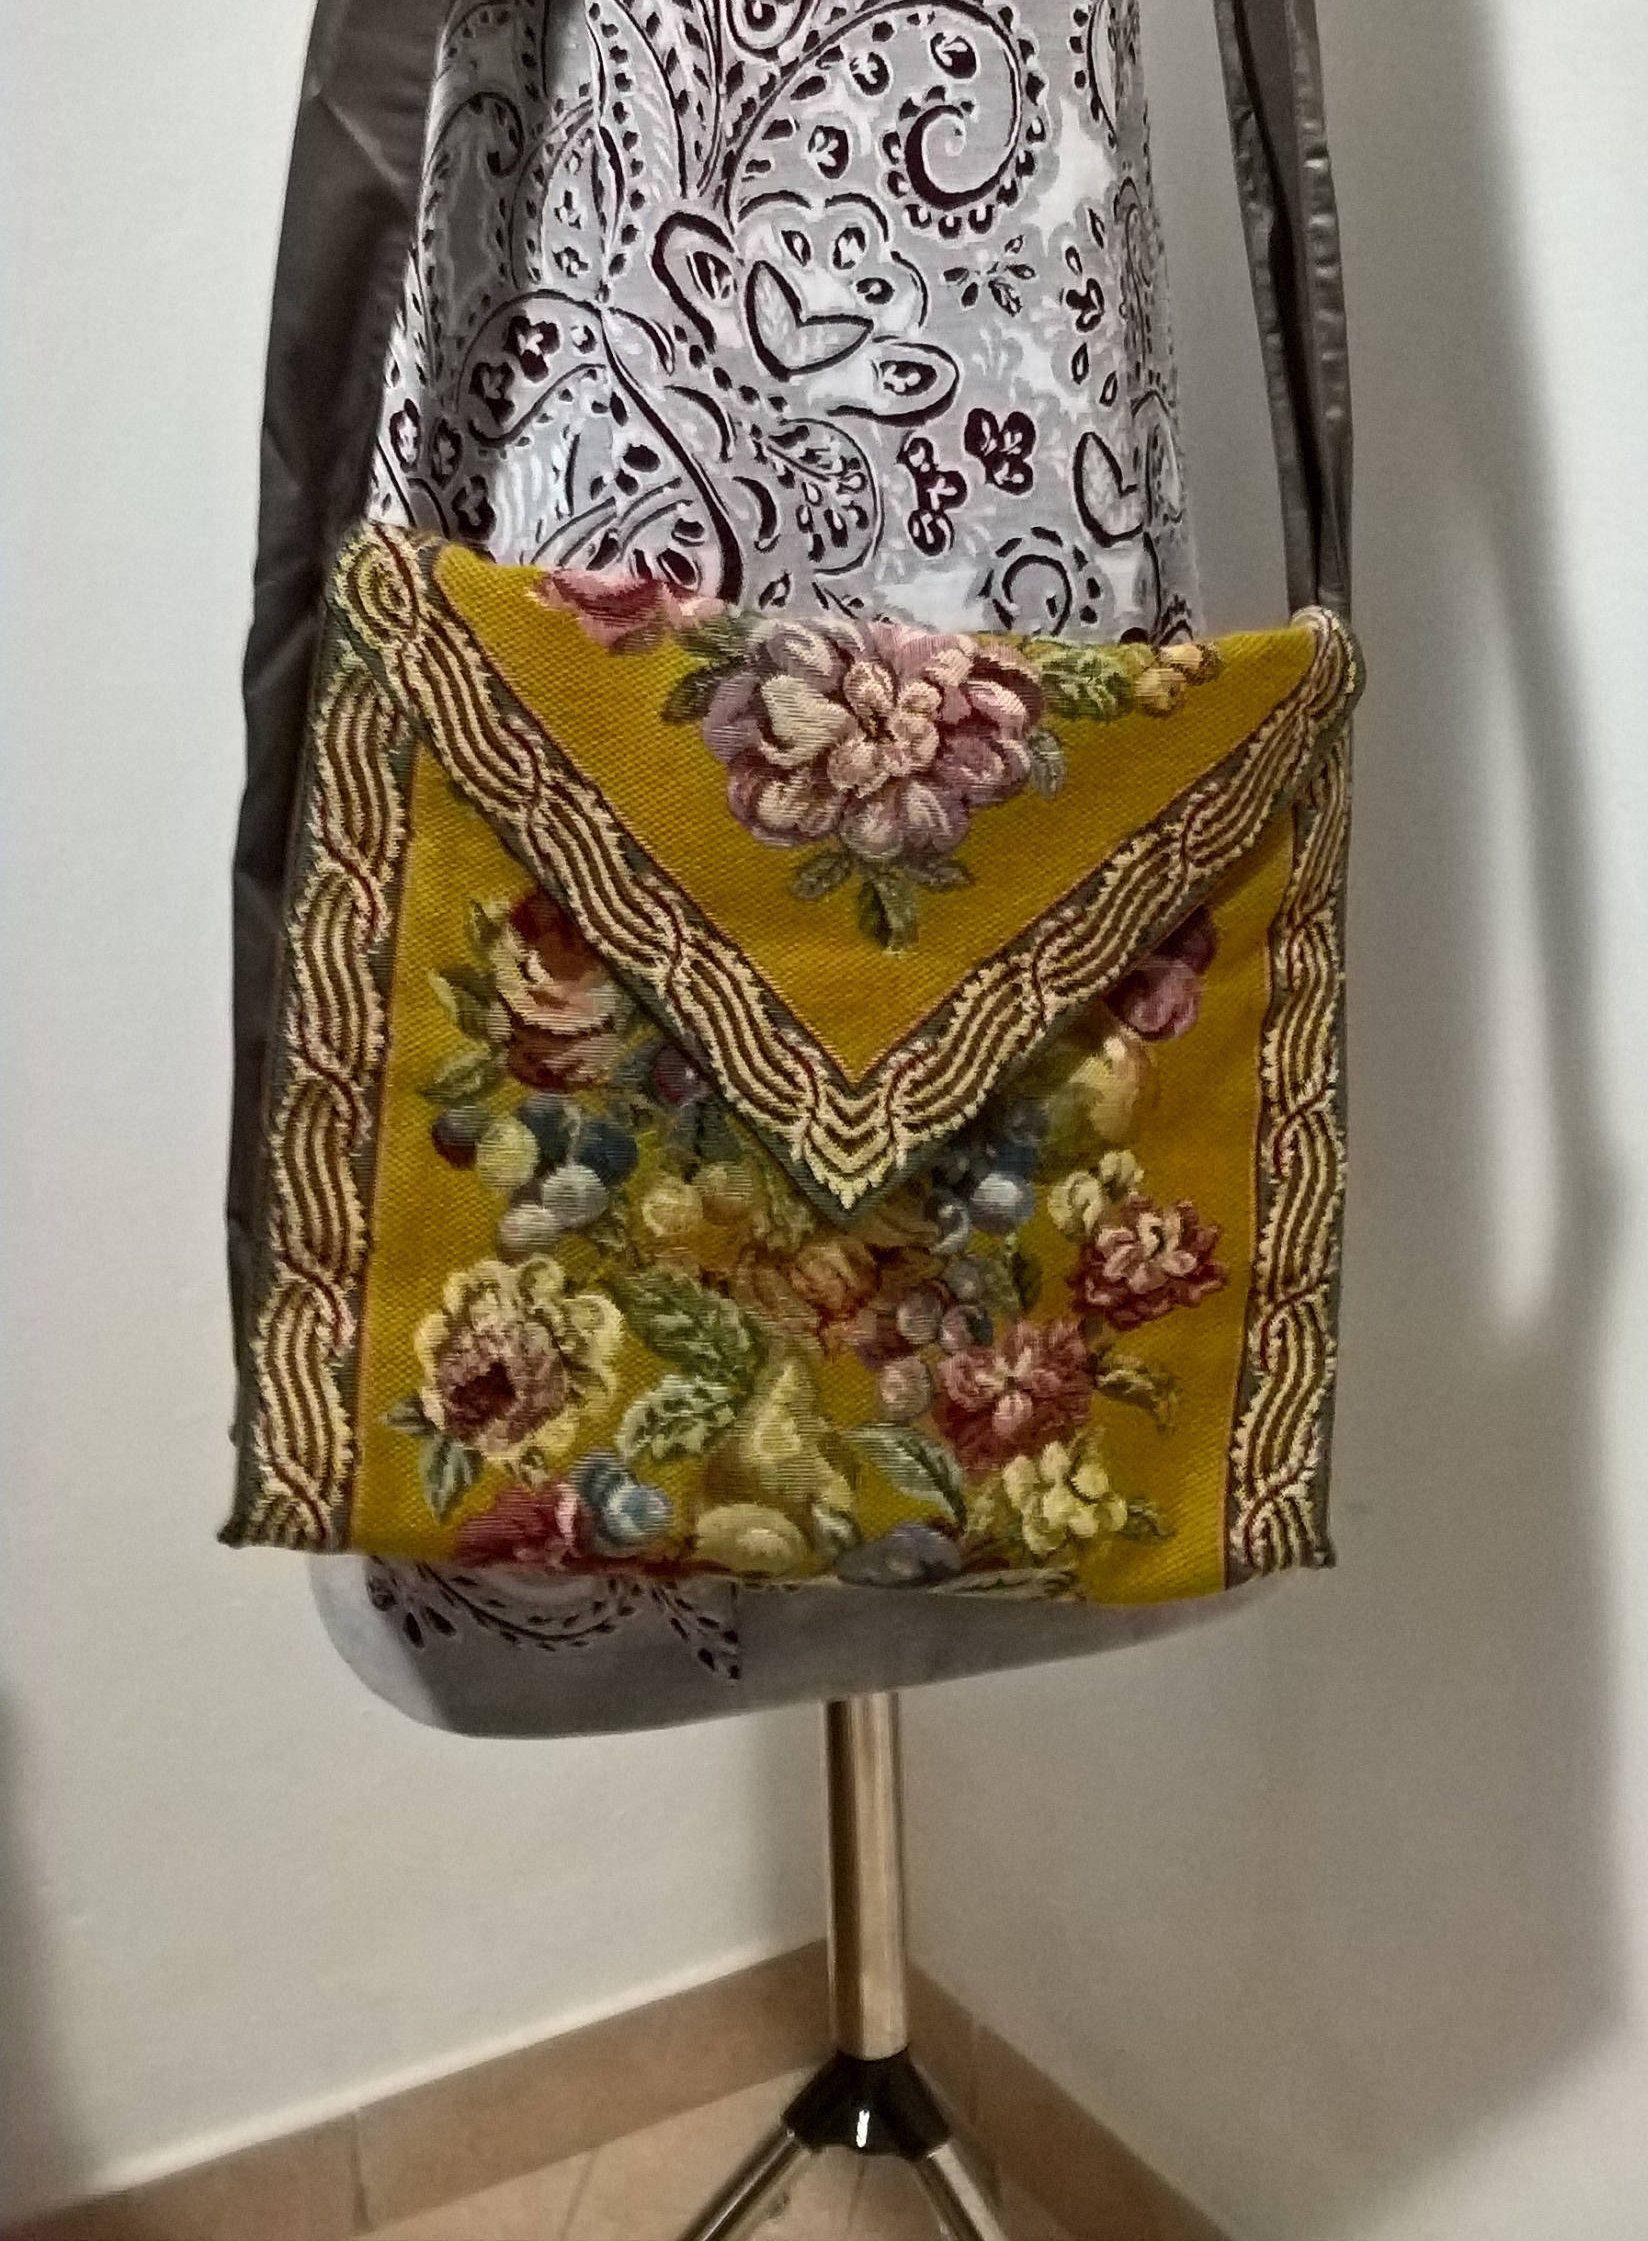 e871941fa4 Borsa a tracolla di tessuto, realizzata a mano, foderata al interno, con  comode tasche,modello unico e originale per regalo fatto con amore di ...